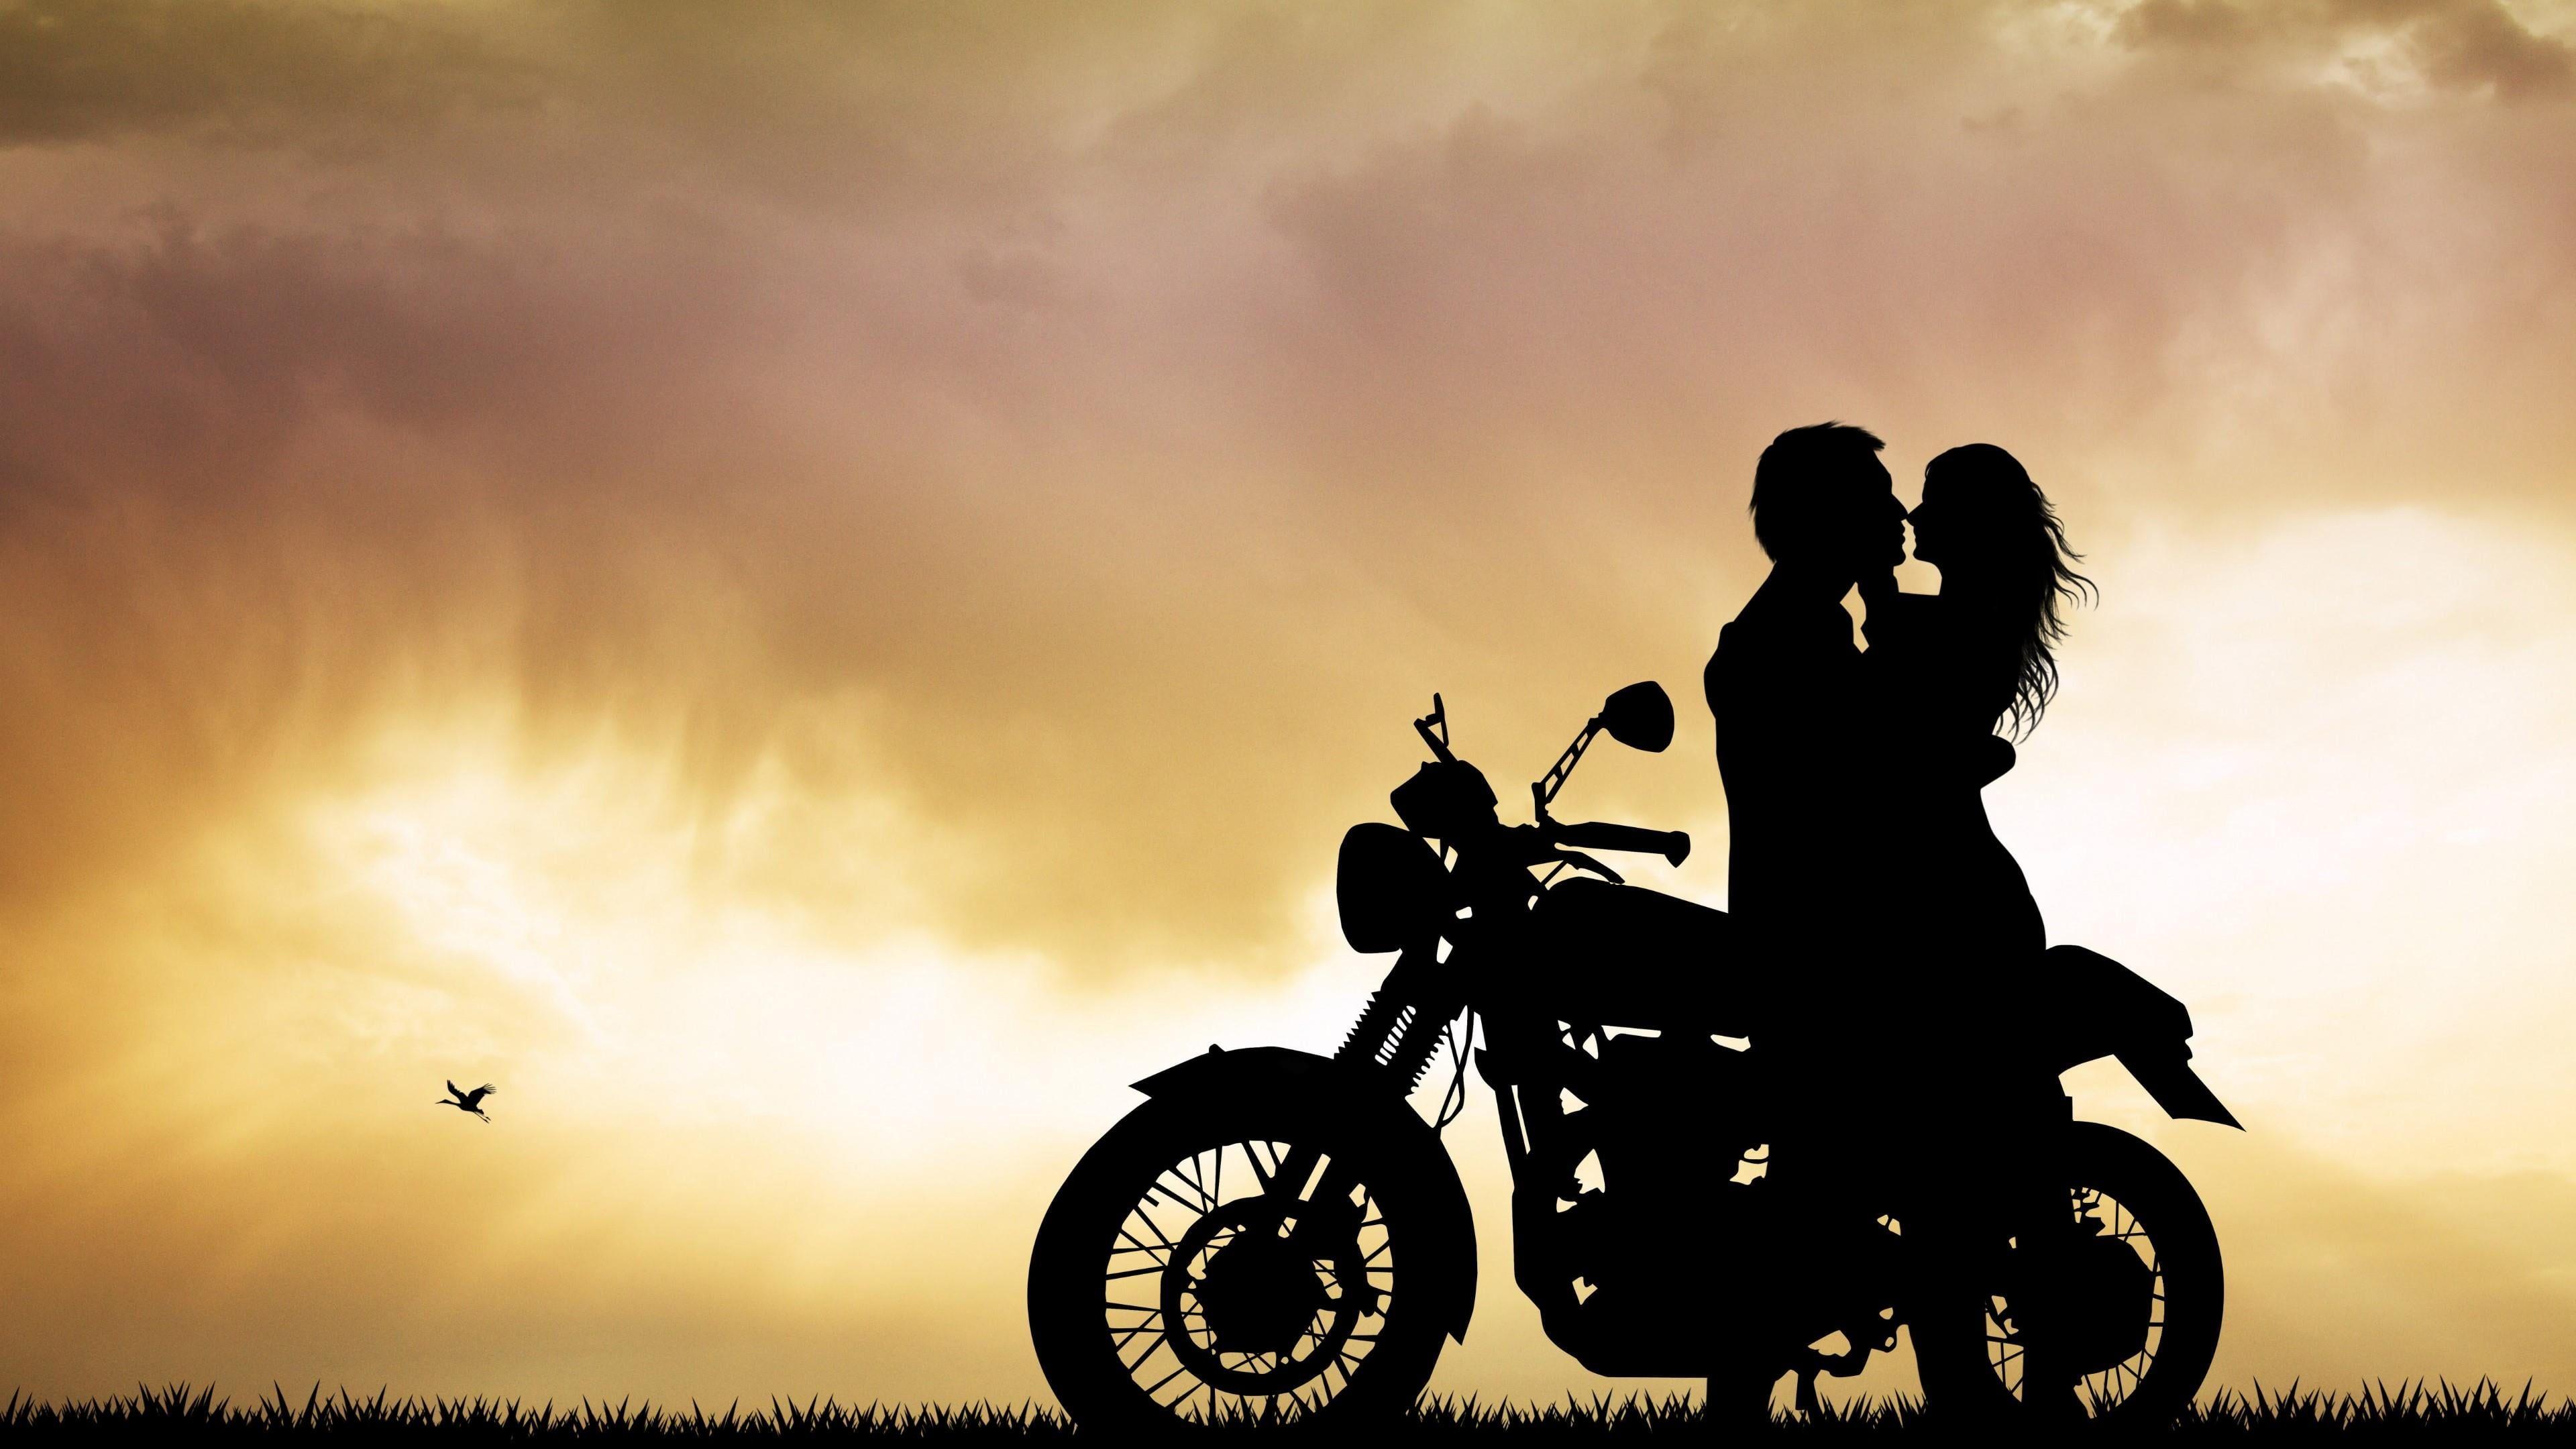 Sky Silhouette Love Cloud Motorcycle Tree Landscape Couple Motorbike Romance 4k Wallpaper Hdwa Man And Woman Silhouette Silhouette Field Wallpaper